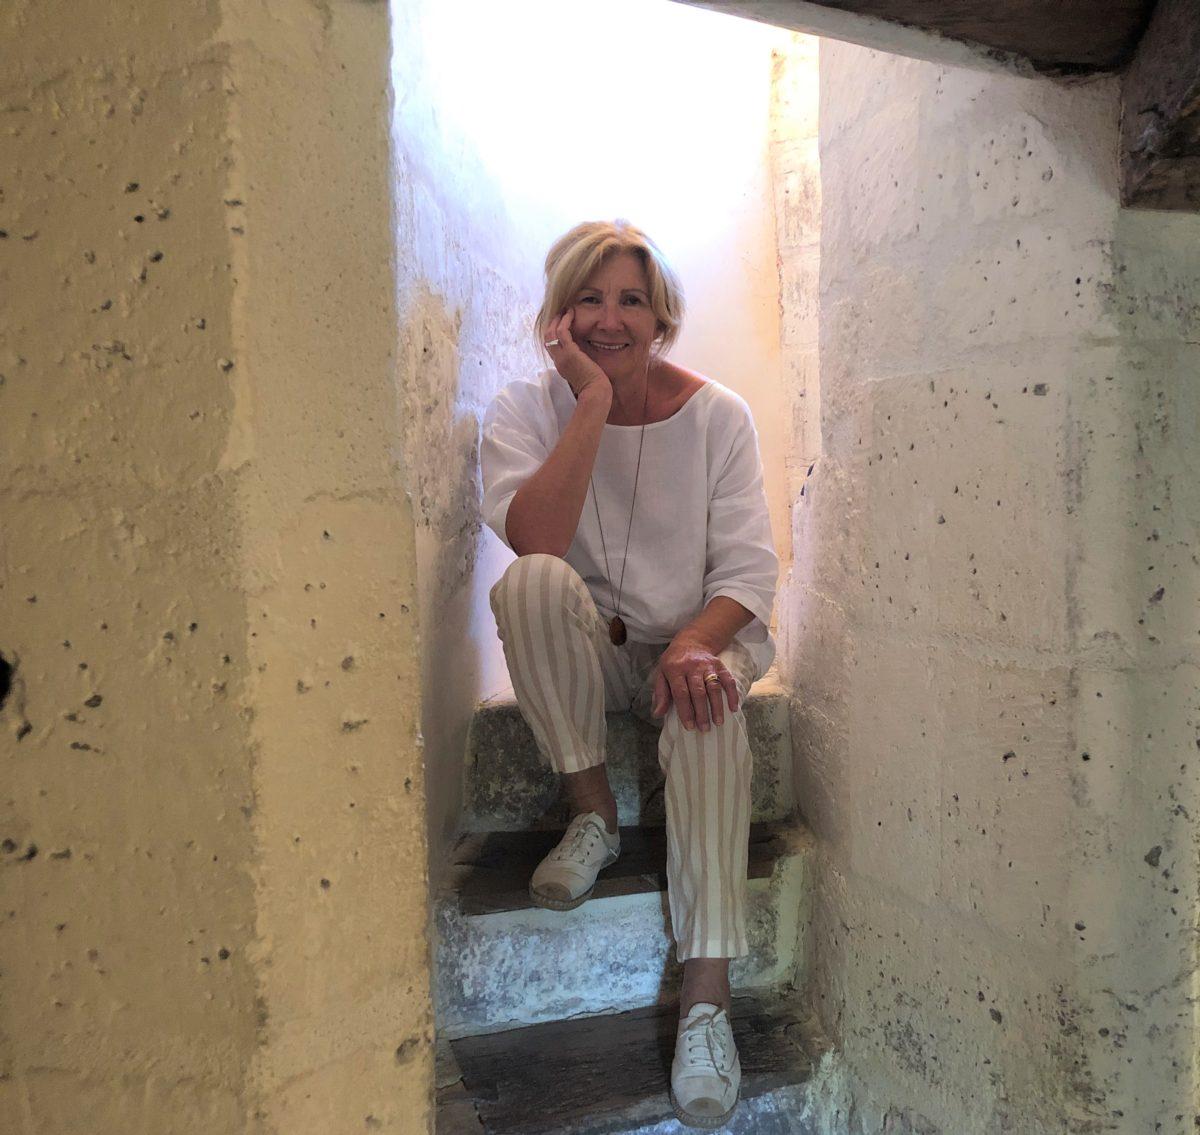 living in cognac dans l'escalier du maine giraud ancienne propriété de cognac d'Alfred de Vigny